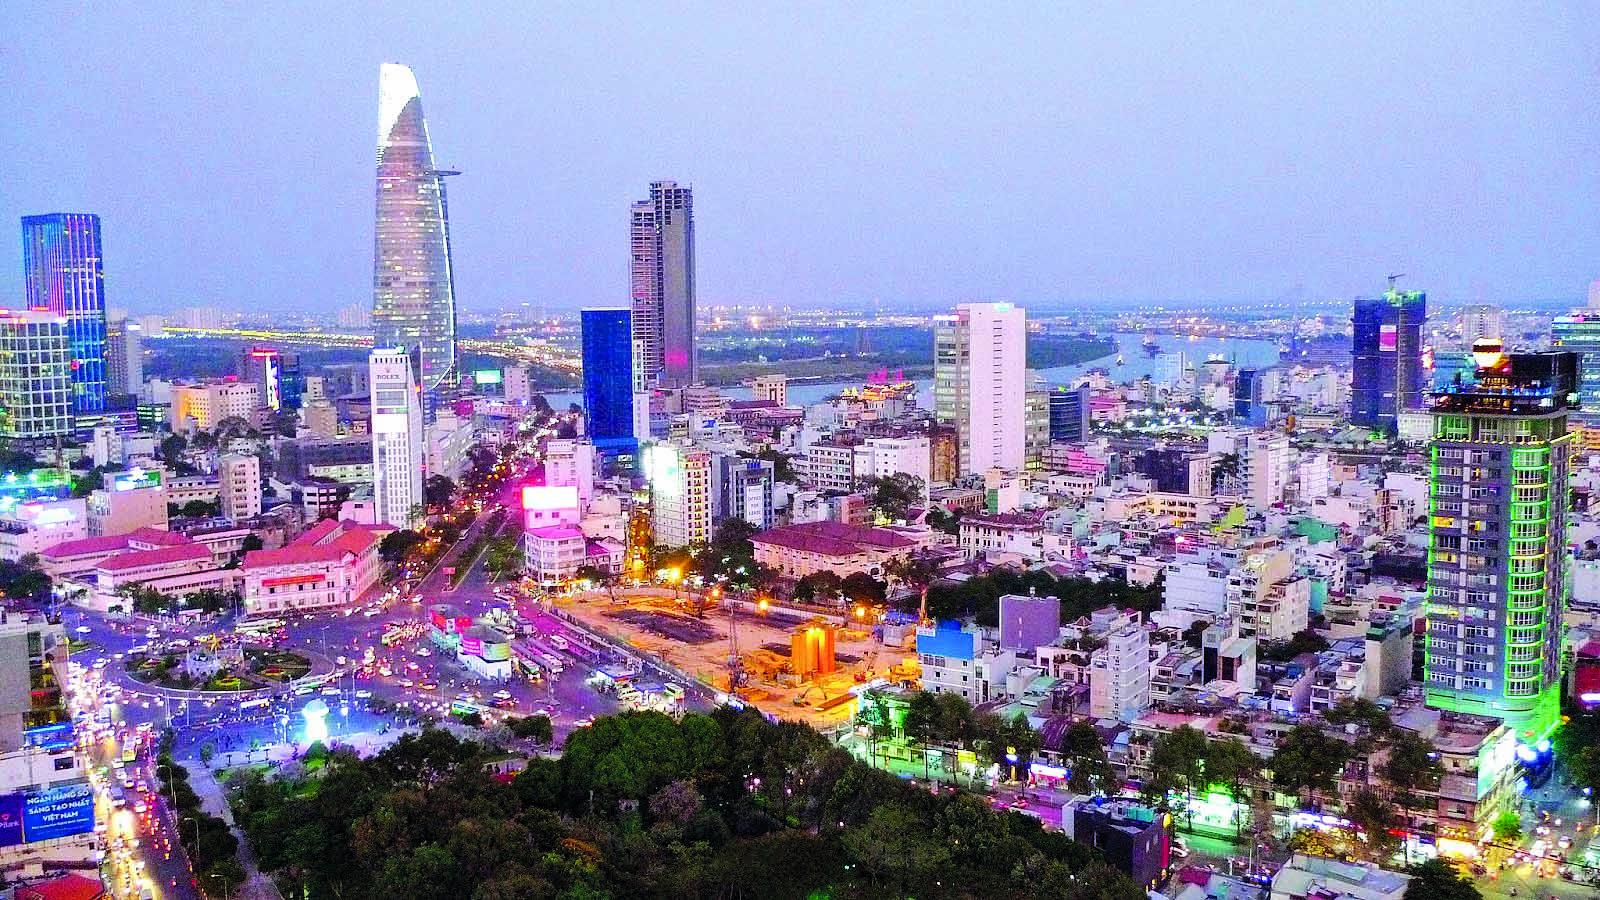 TP.HCM xác định mục tiêu phát triển trở thành một trung tâm kinh tế lớn